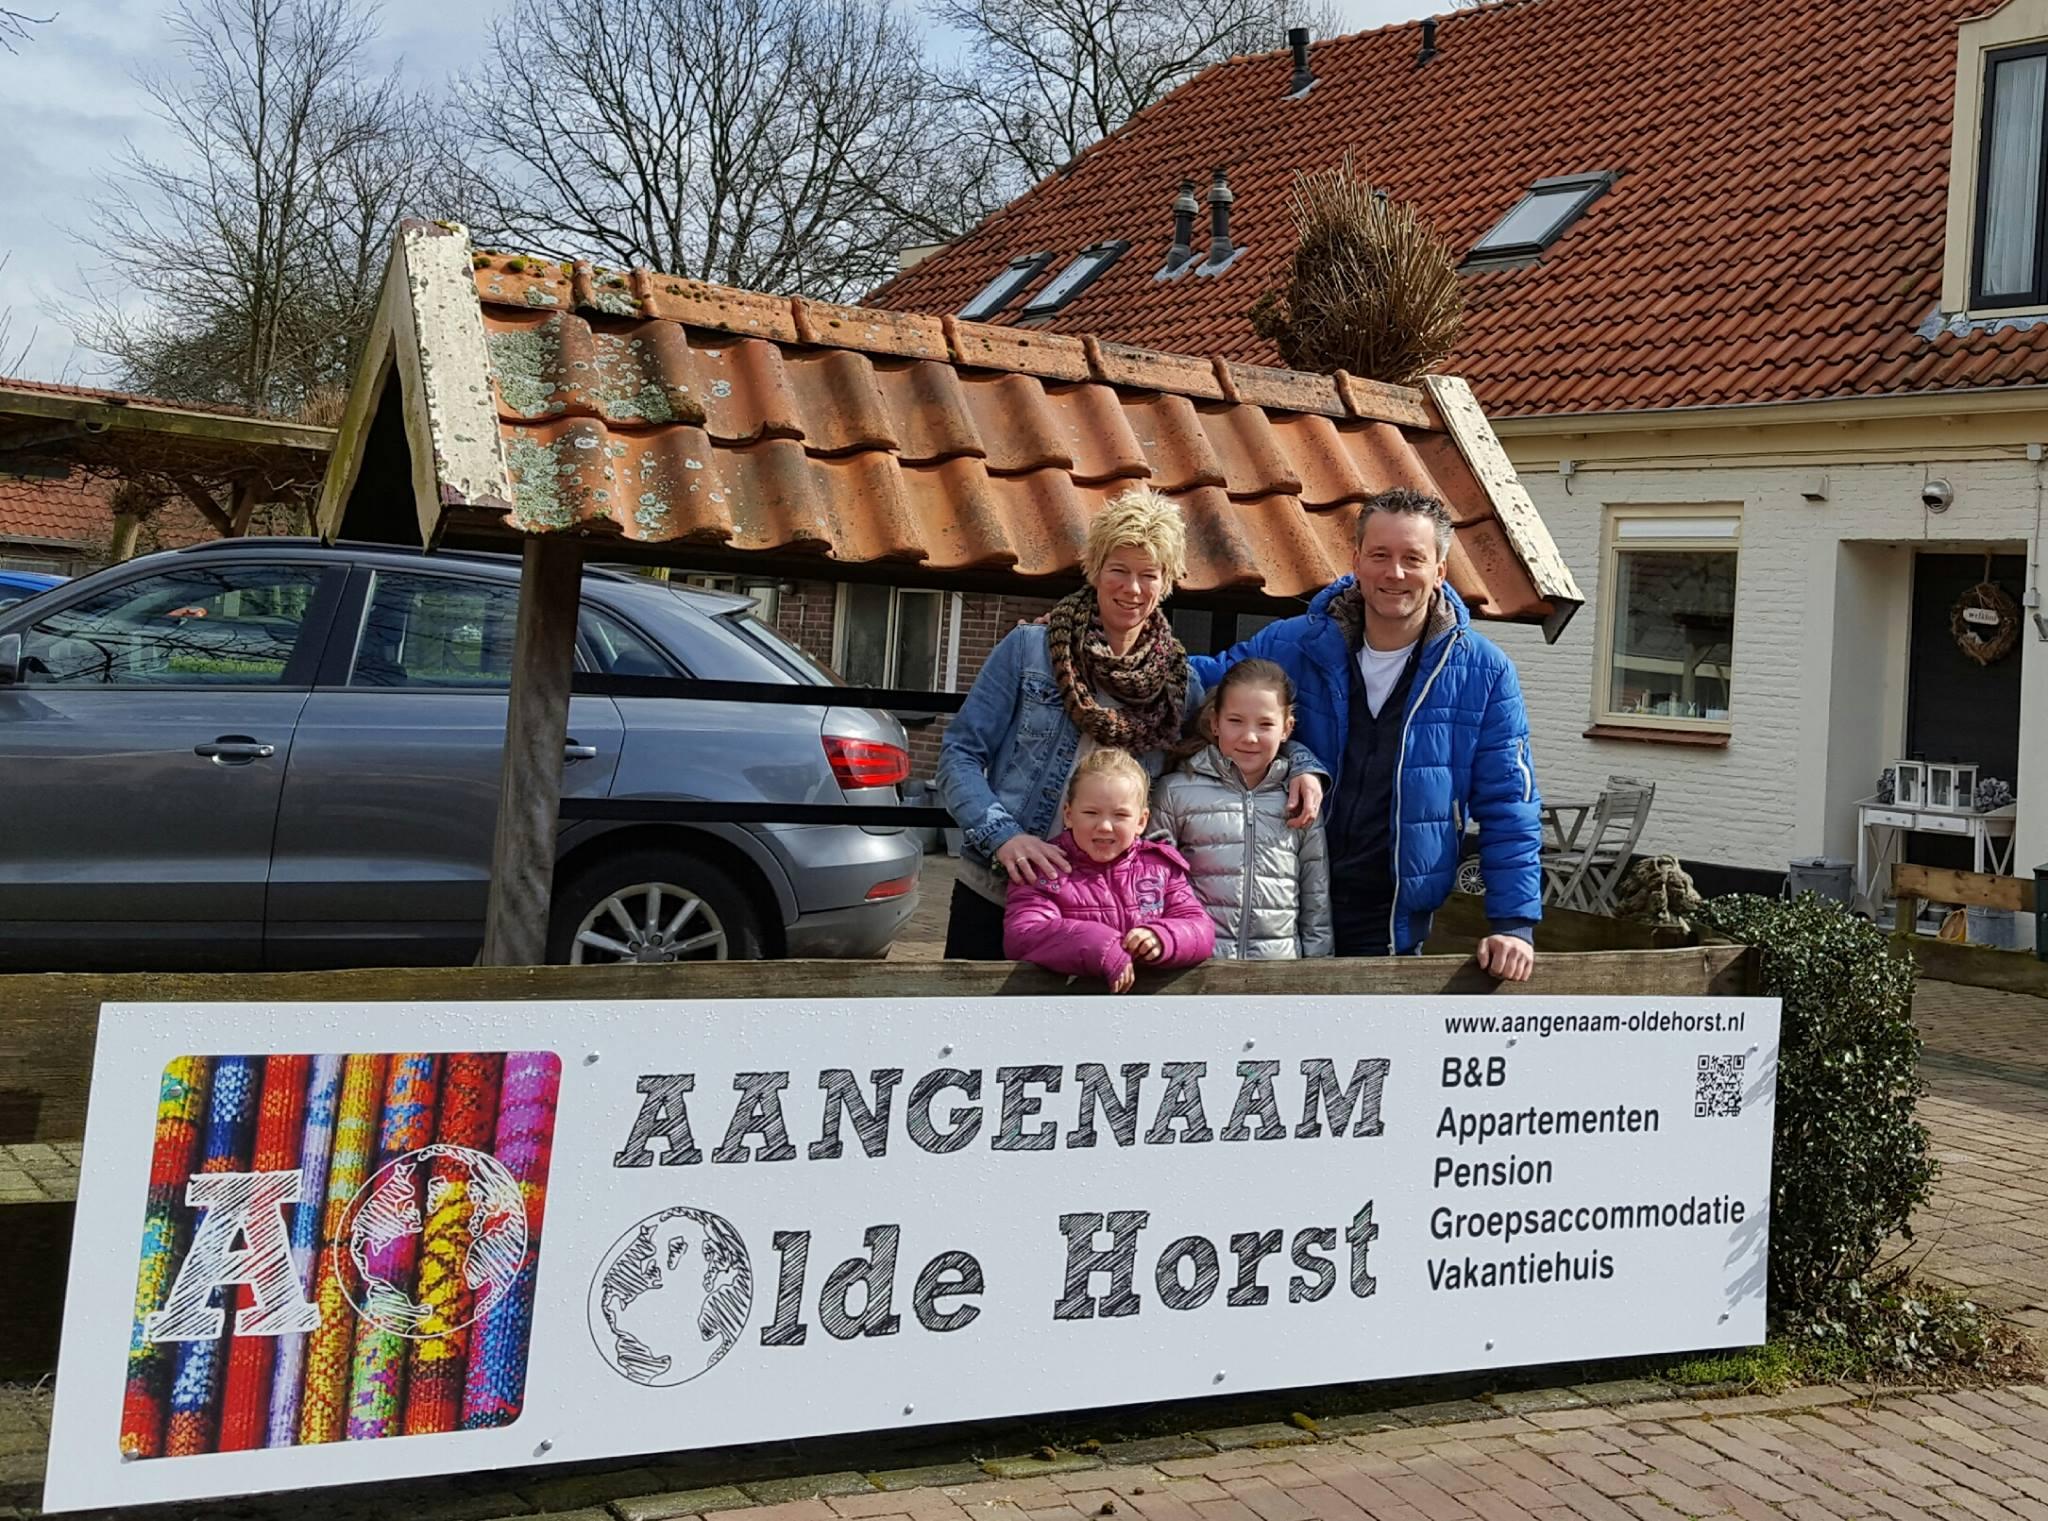 Aangenaam – Olde Horst appartementen, B&B, Pension, groepsaccommodatie.